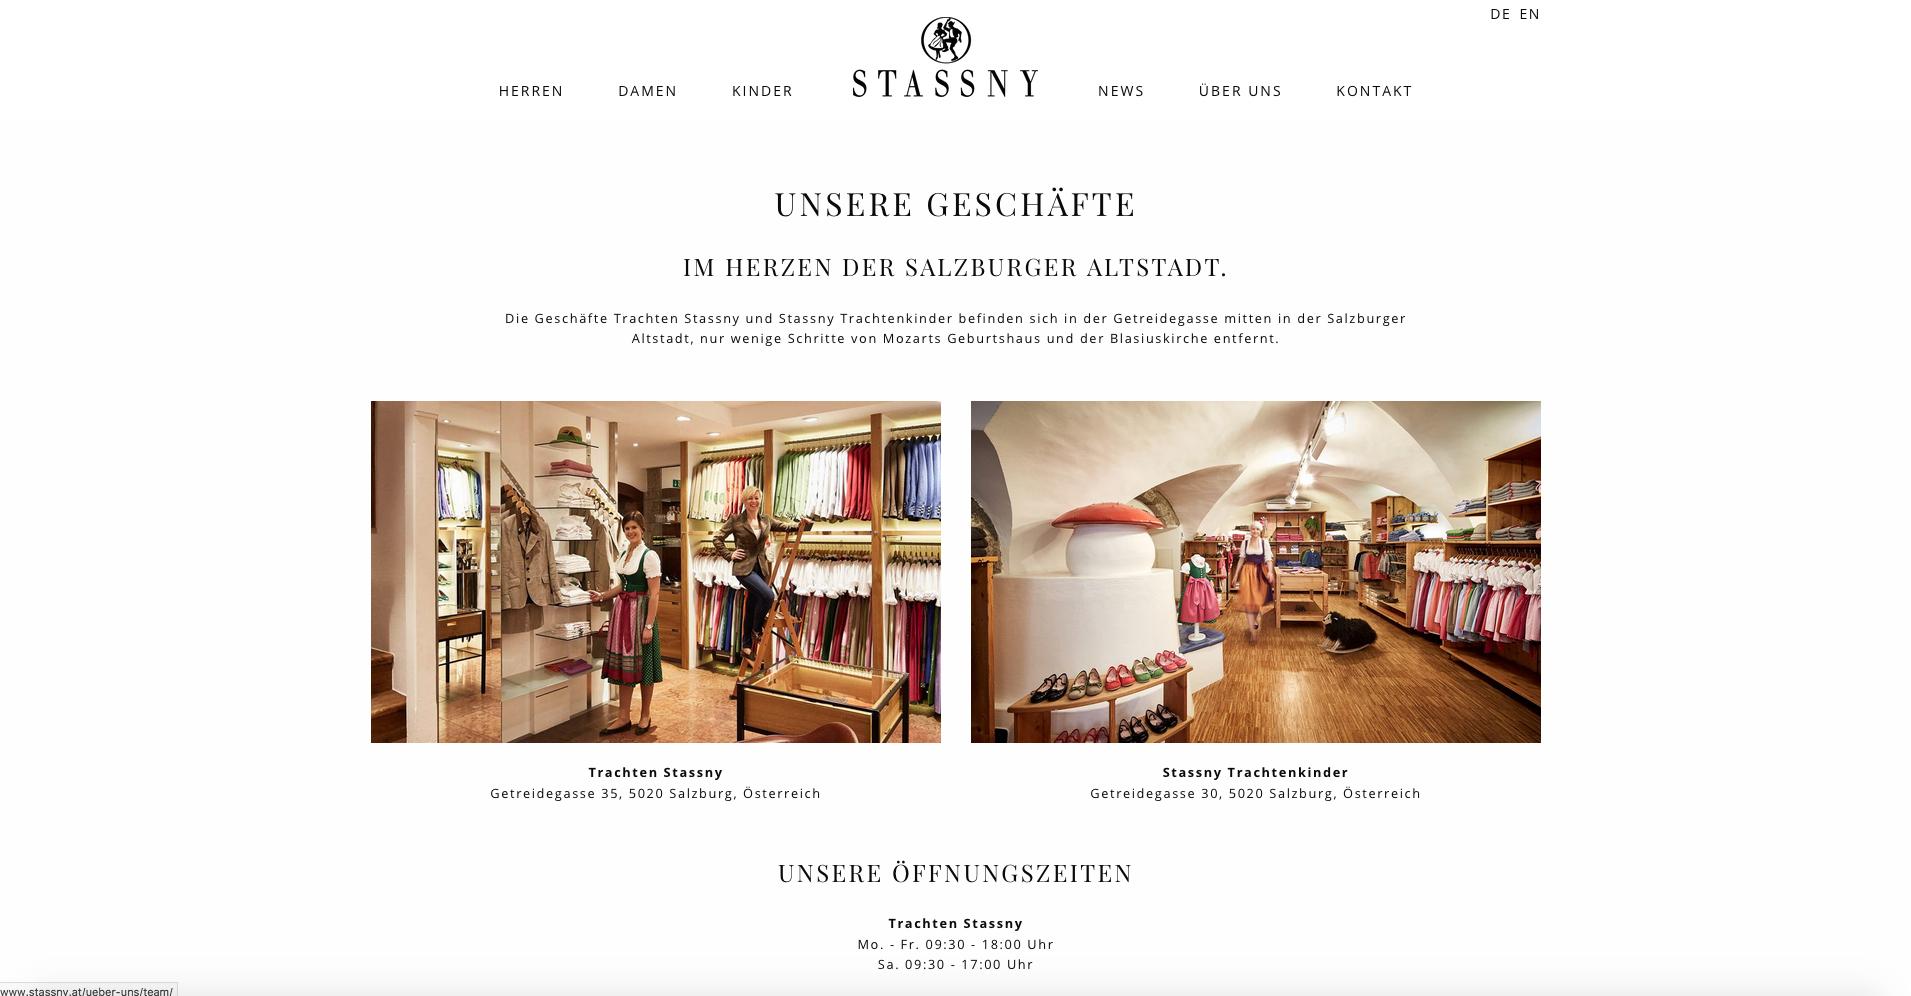 Fresh Herbs Communications Marketing Projektmanagement Website Salzburg_28_Trachten Stassny